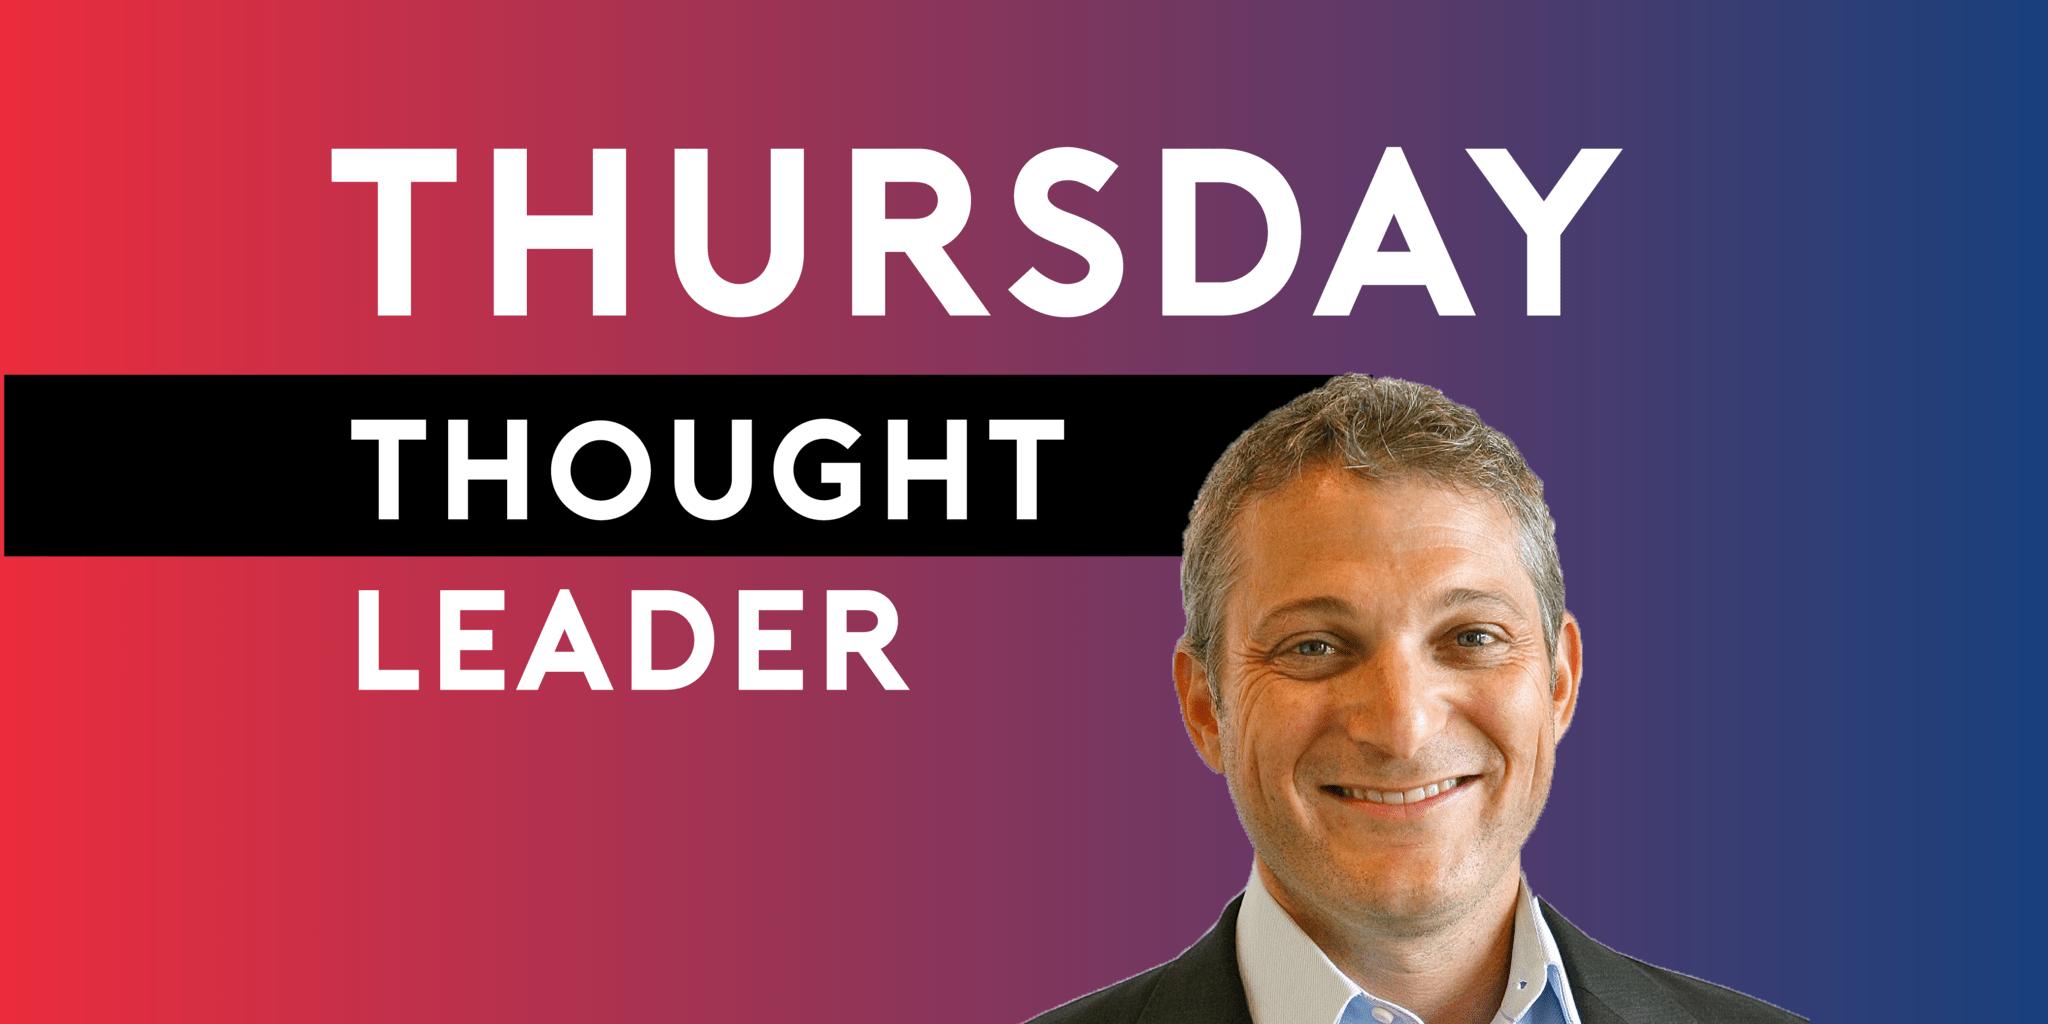 Max Drucker of Carpe Data is LegalNet Inc's Thursday Thought Leader